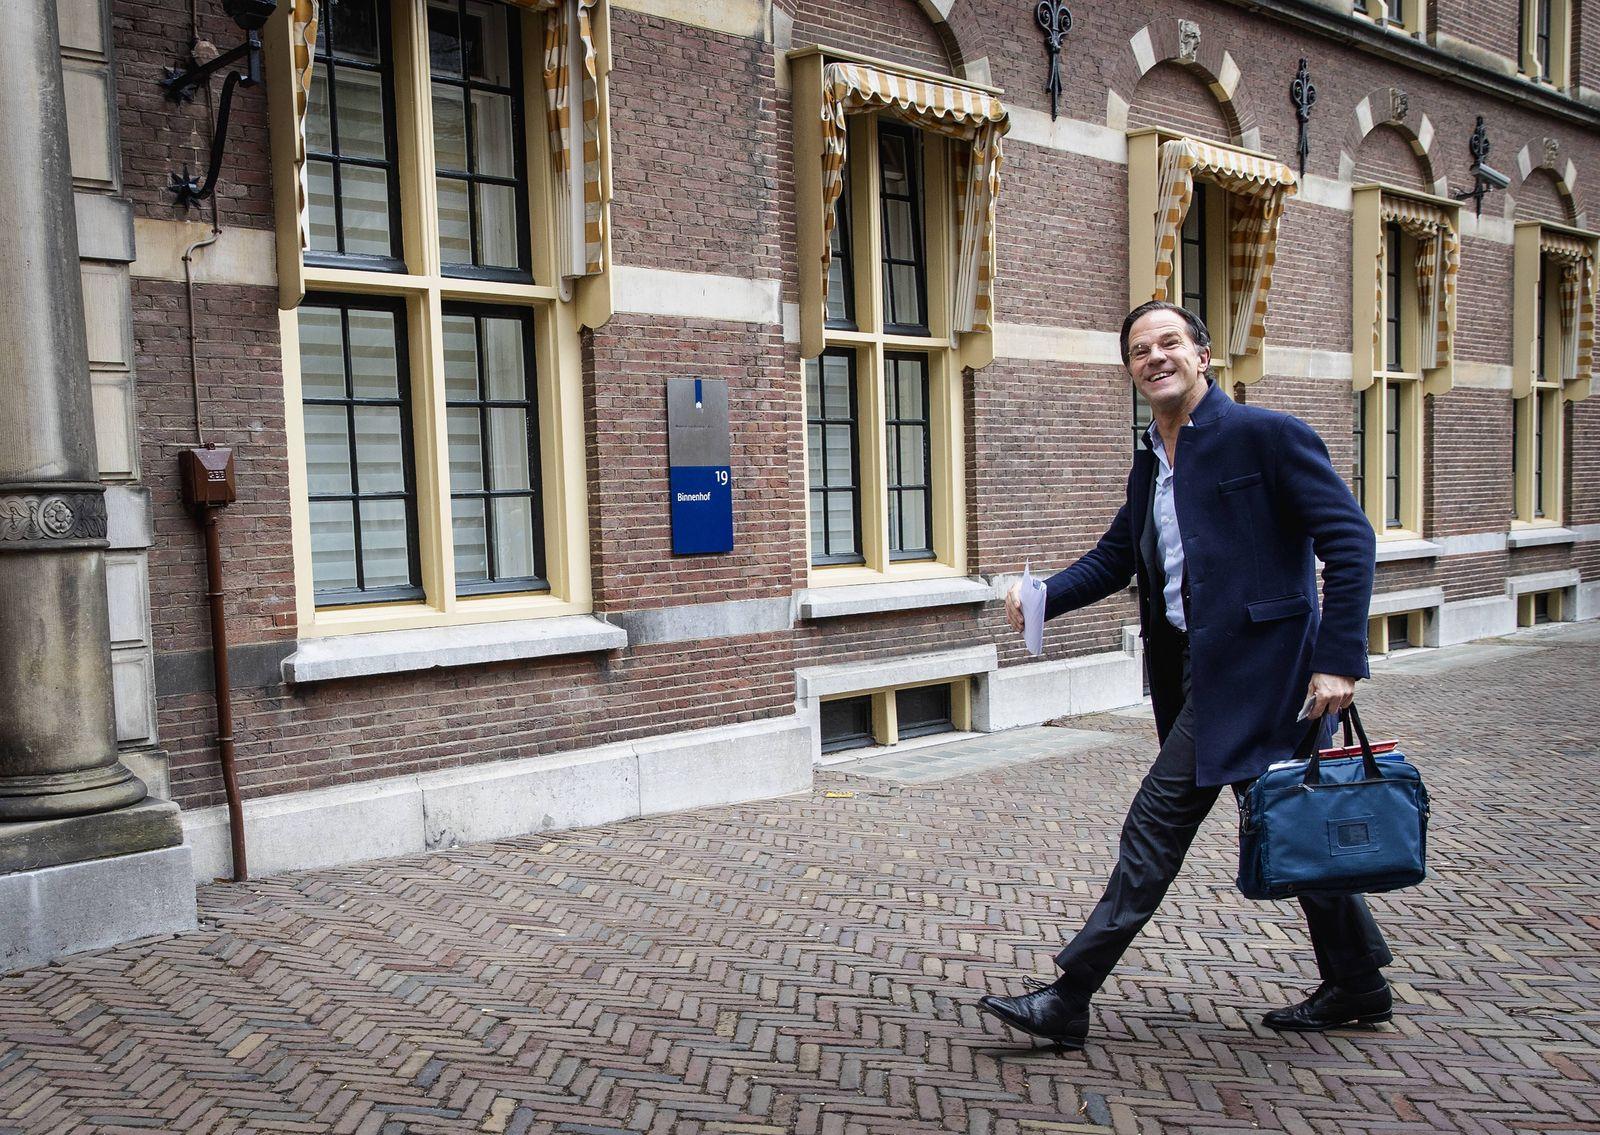 DEN HAAG - Demissionair premier Mark Rutte komt aan op het Binnenhof voor de wekelijkse ministerraad. ANP SEM VAN DER WA